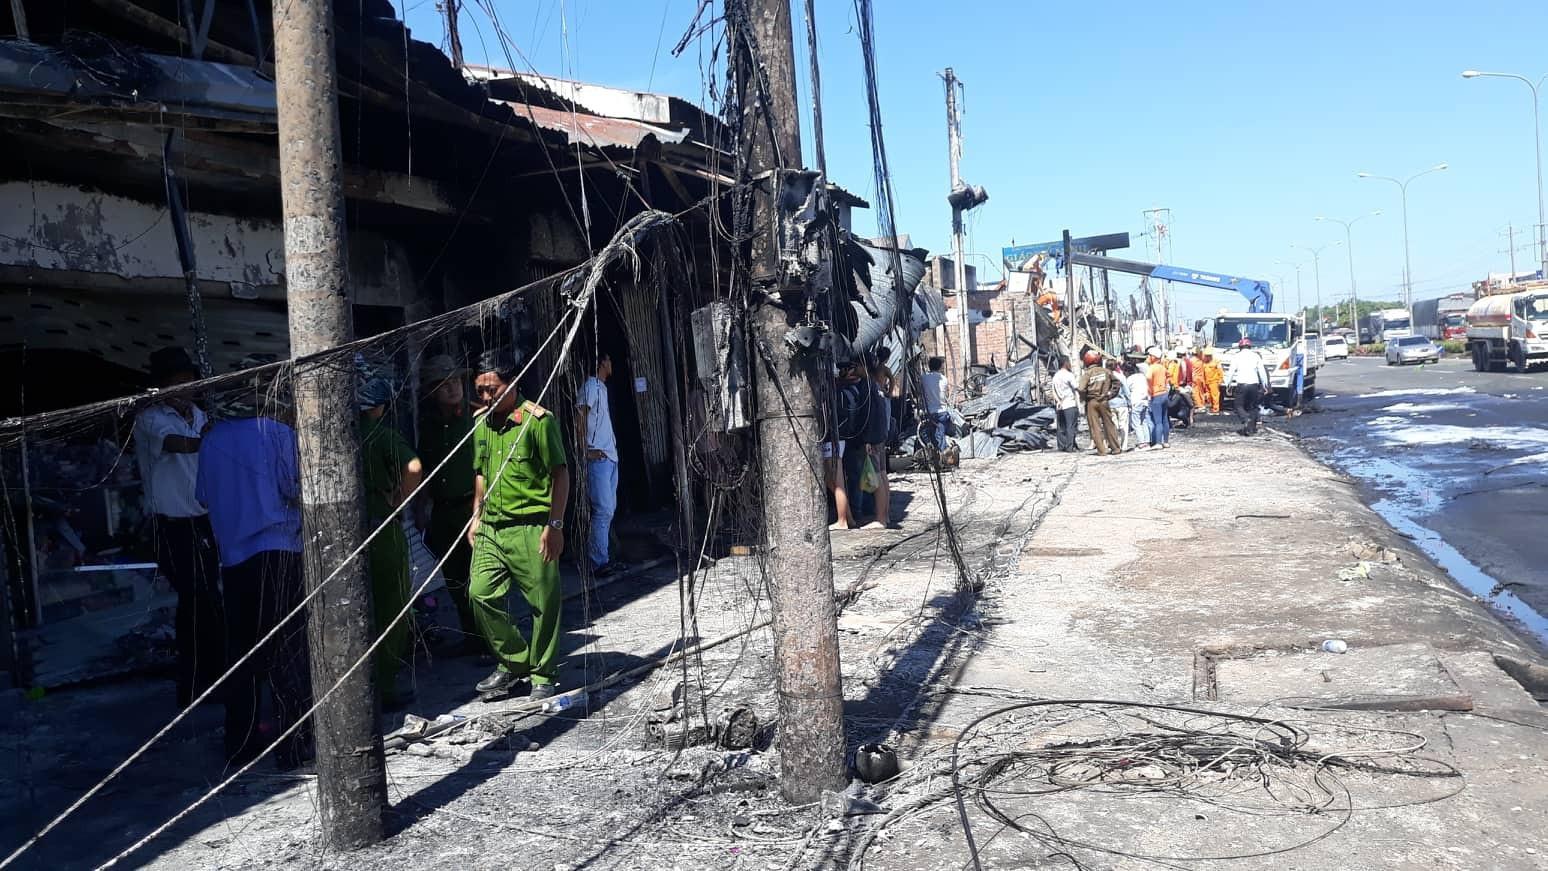 Người đàn ông bán trái cây mất cả vợ và 2 con trong đám cháy 19 căn nhà - Ảnh 5.